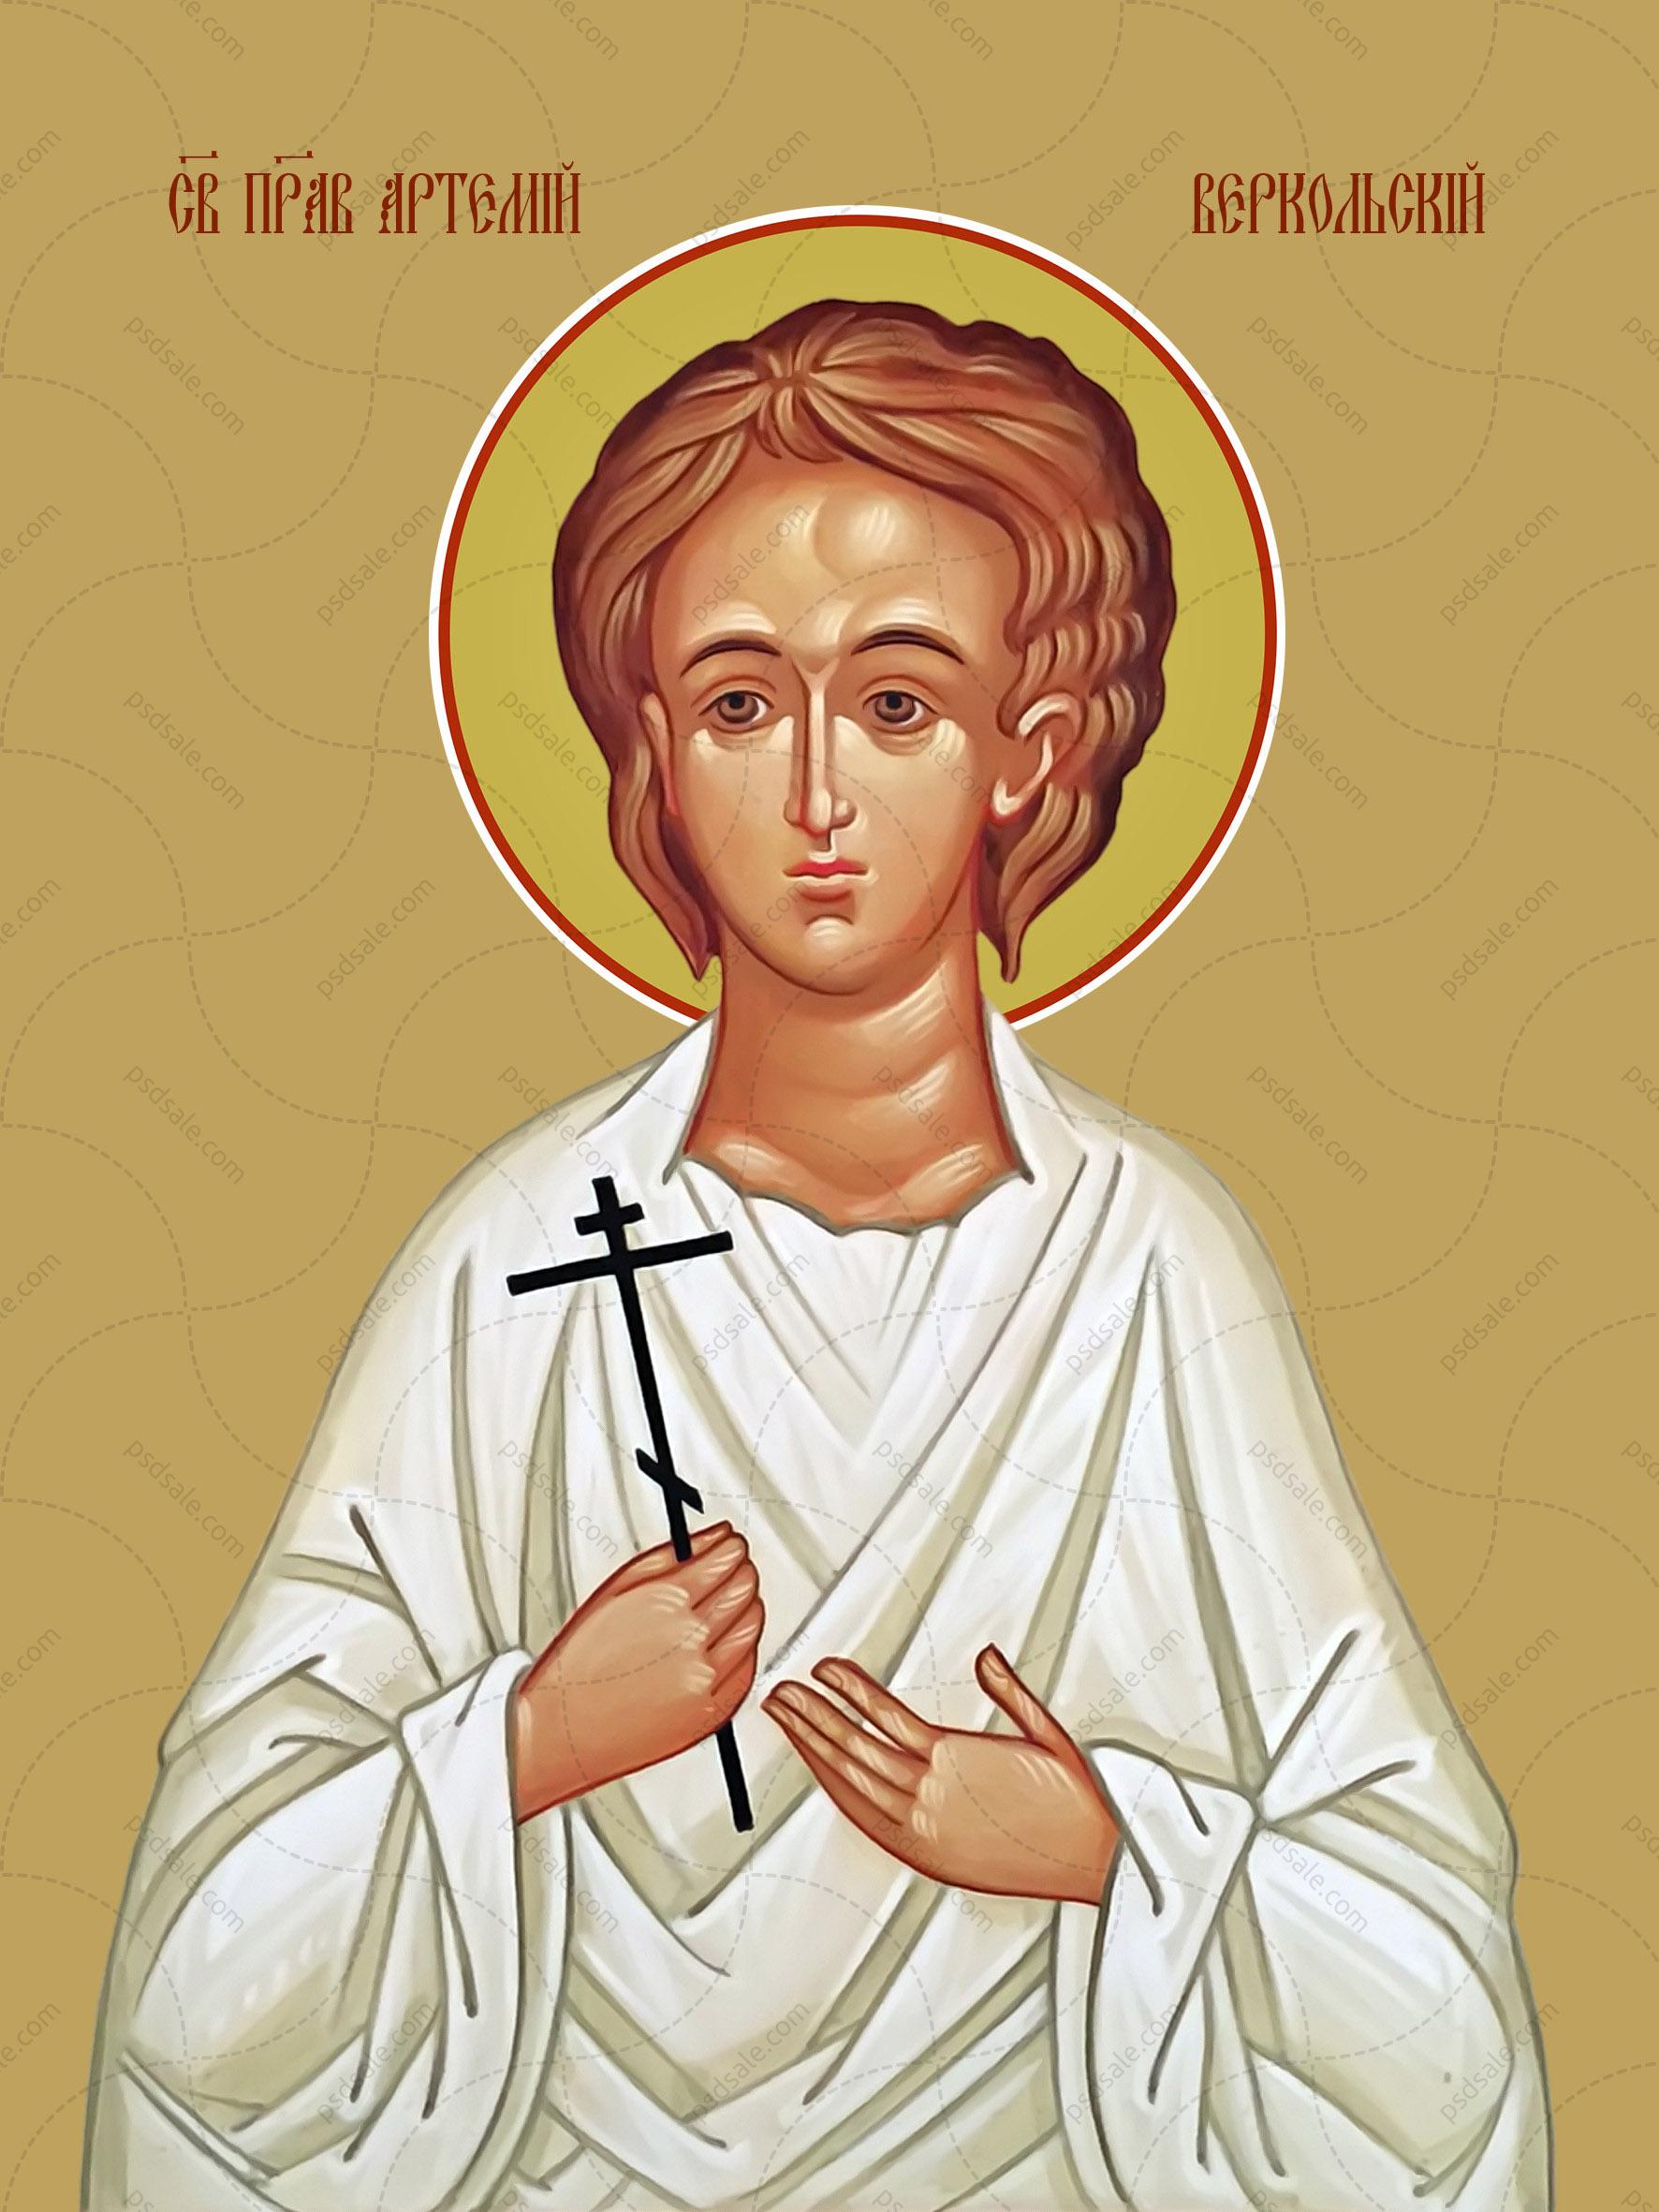 Артемий Веркольский, святой